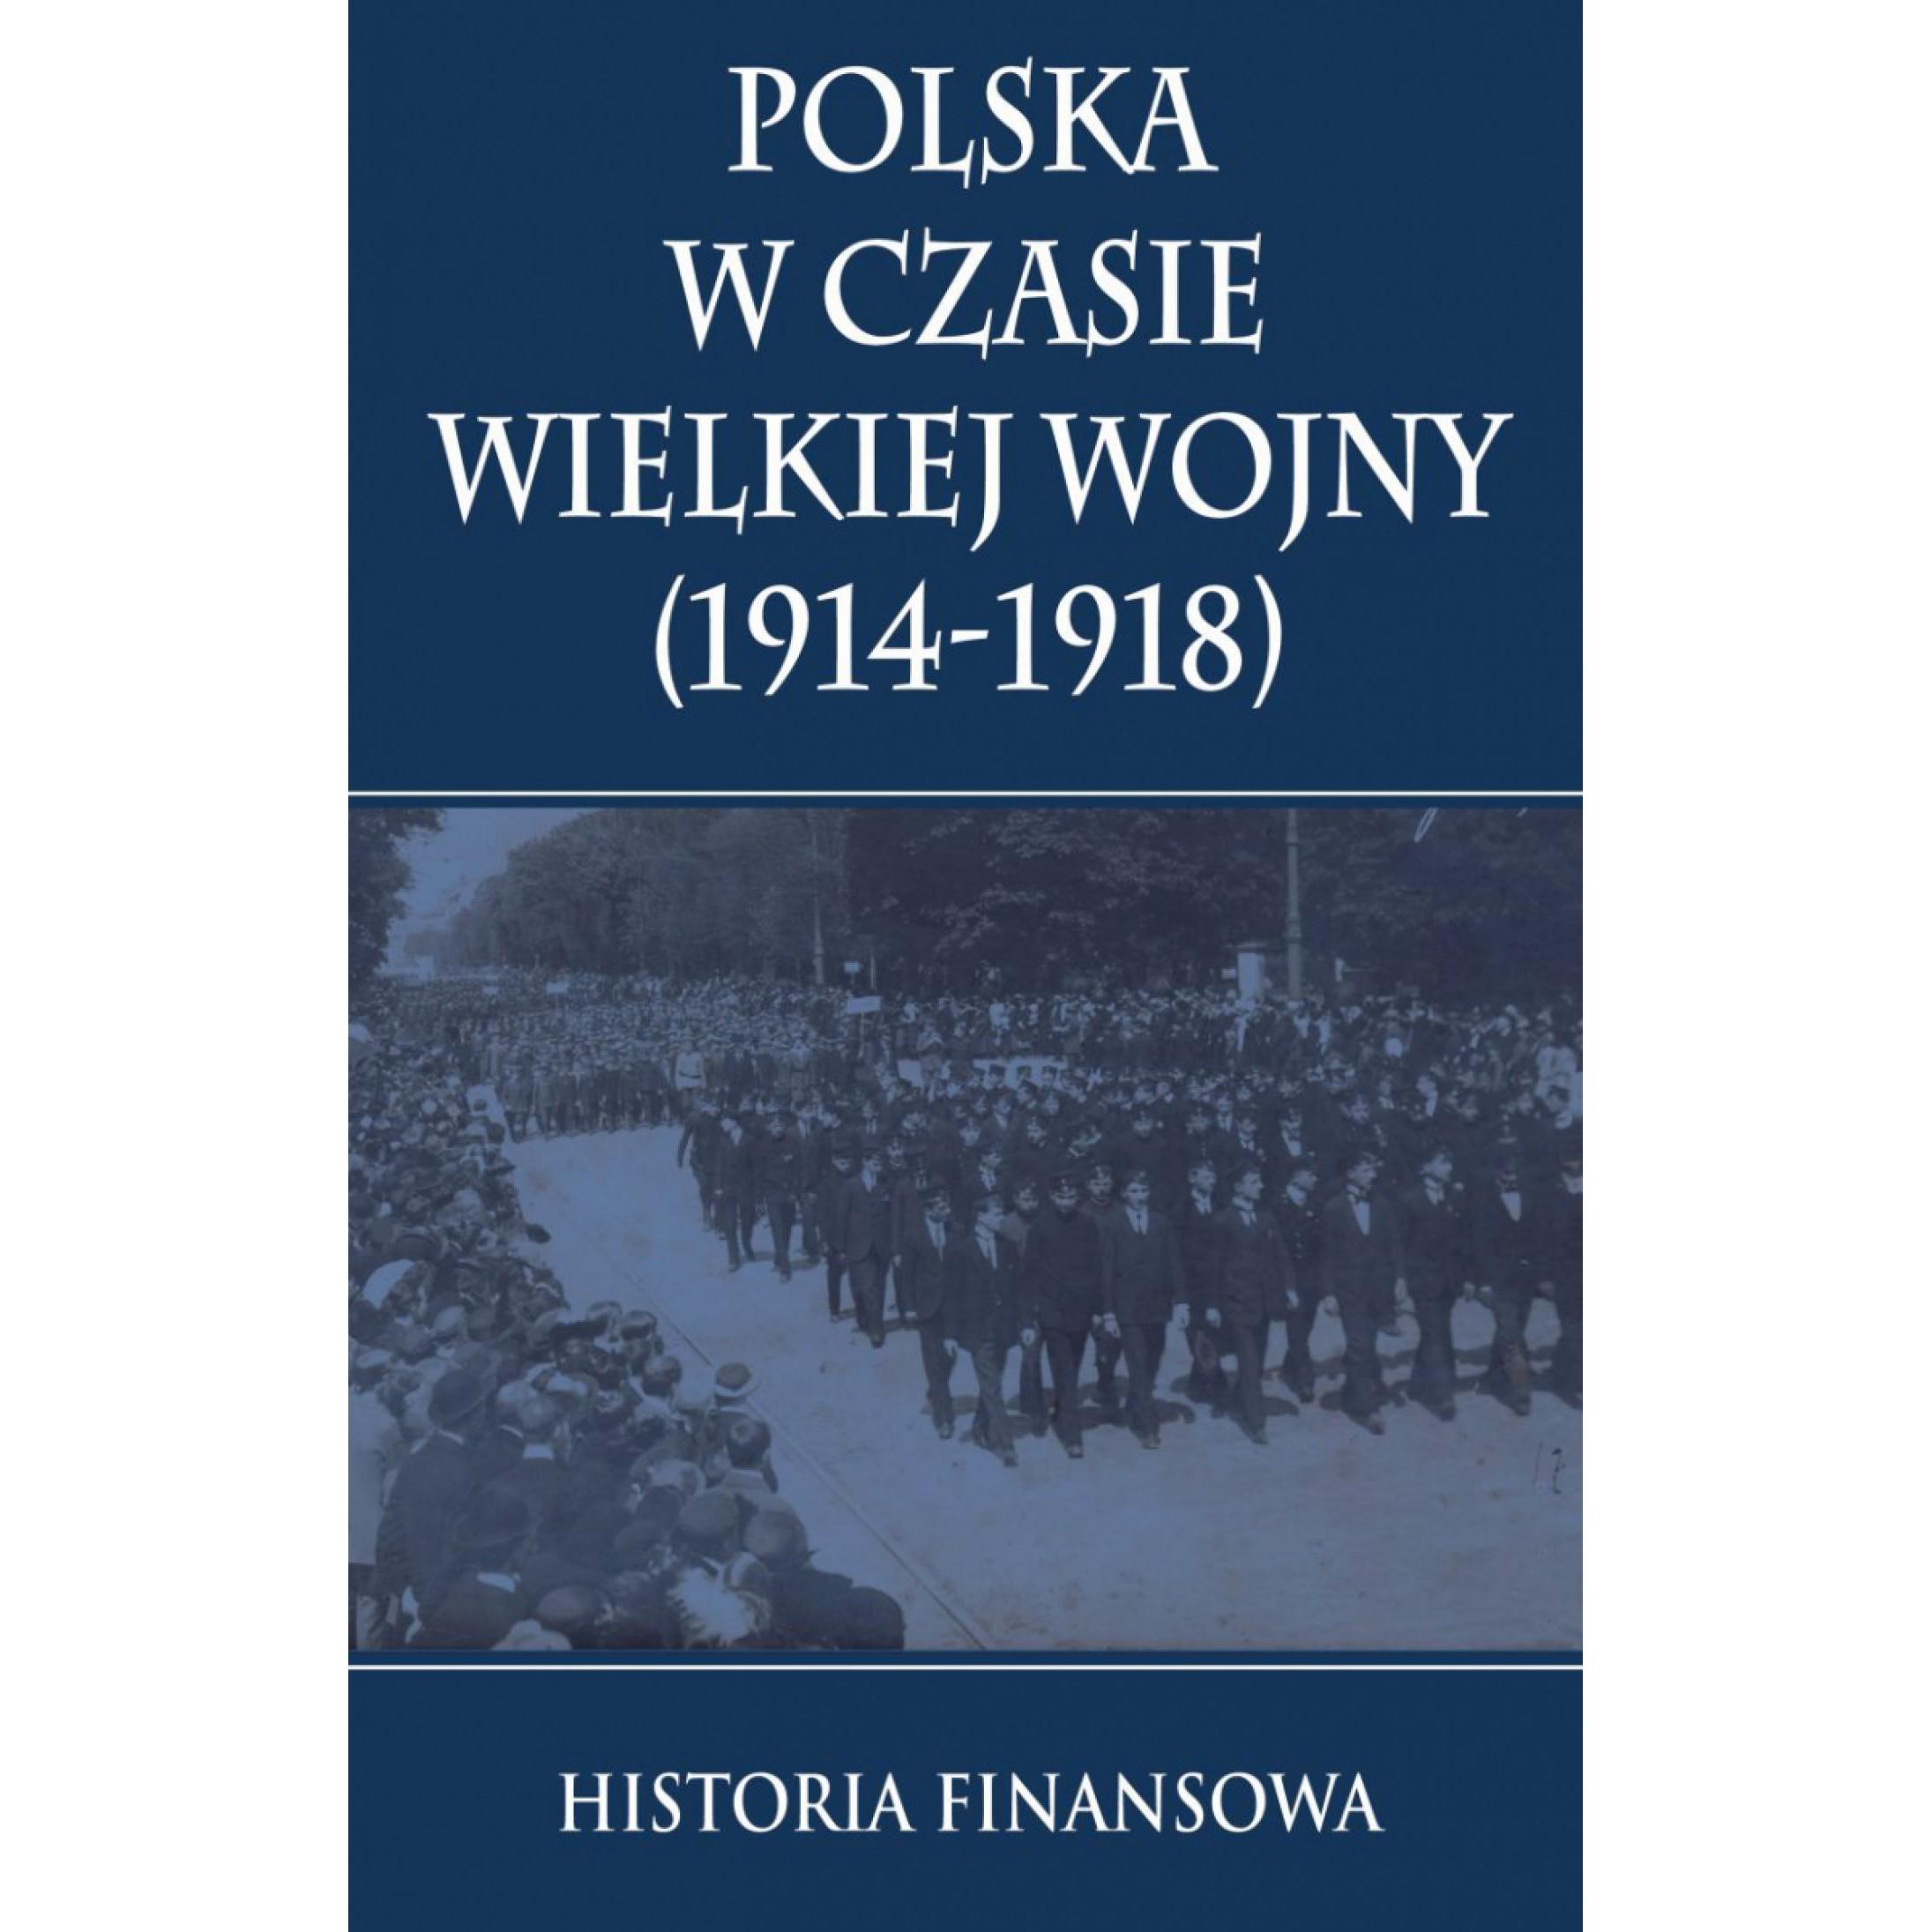 Polska w czasie Wielkiej Wojny Historia Finansowa